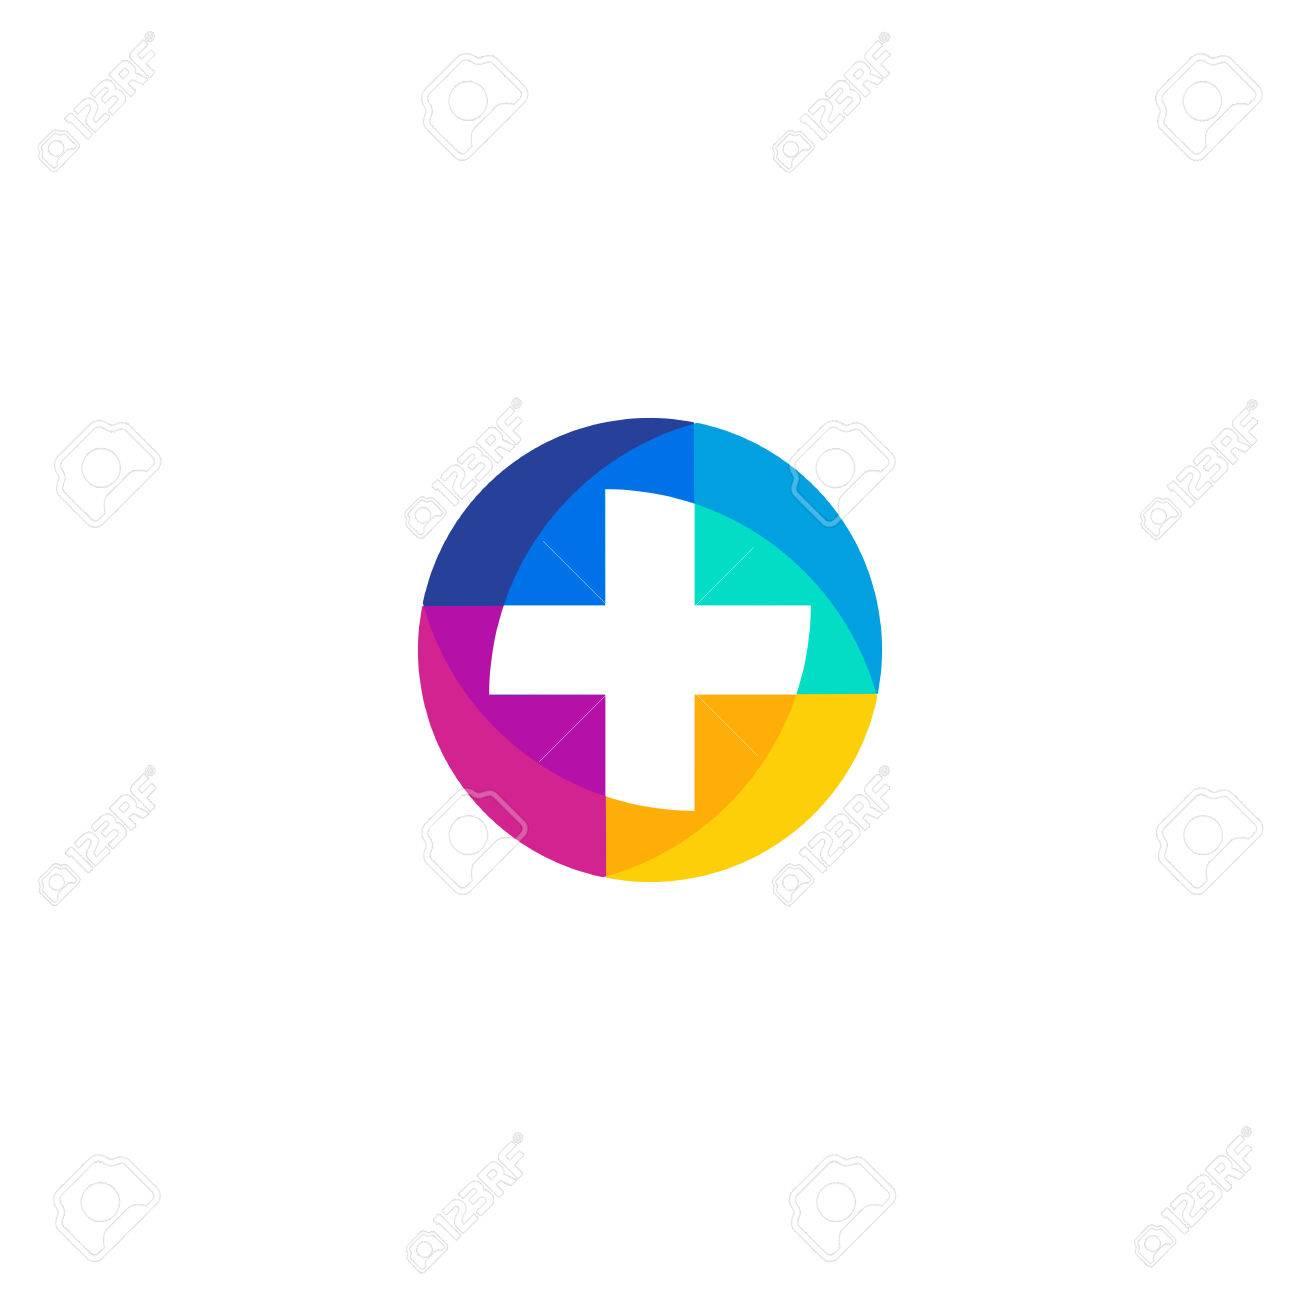 Sanitäter symbol  Vector Isoliert Ungewöhnlich Bunten Logo. Medic Logo. Kreuz-Logo ...